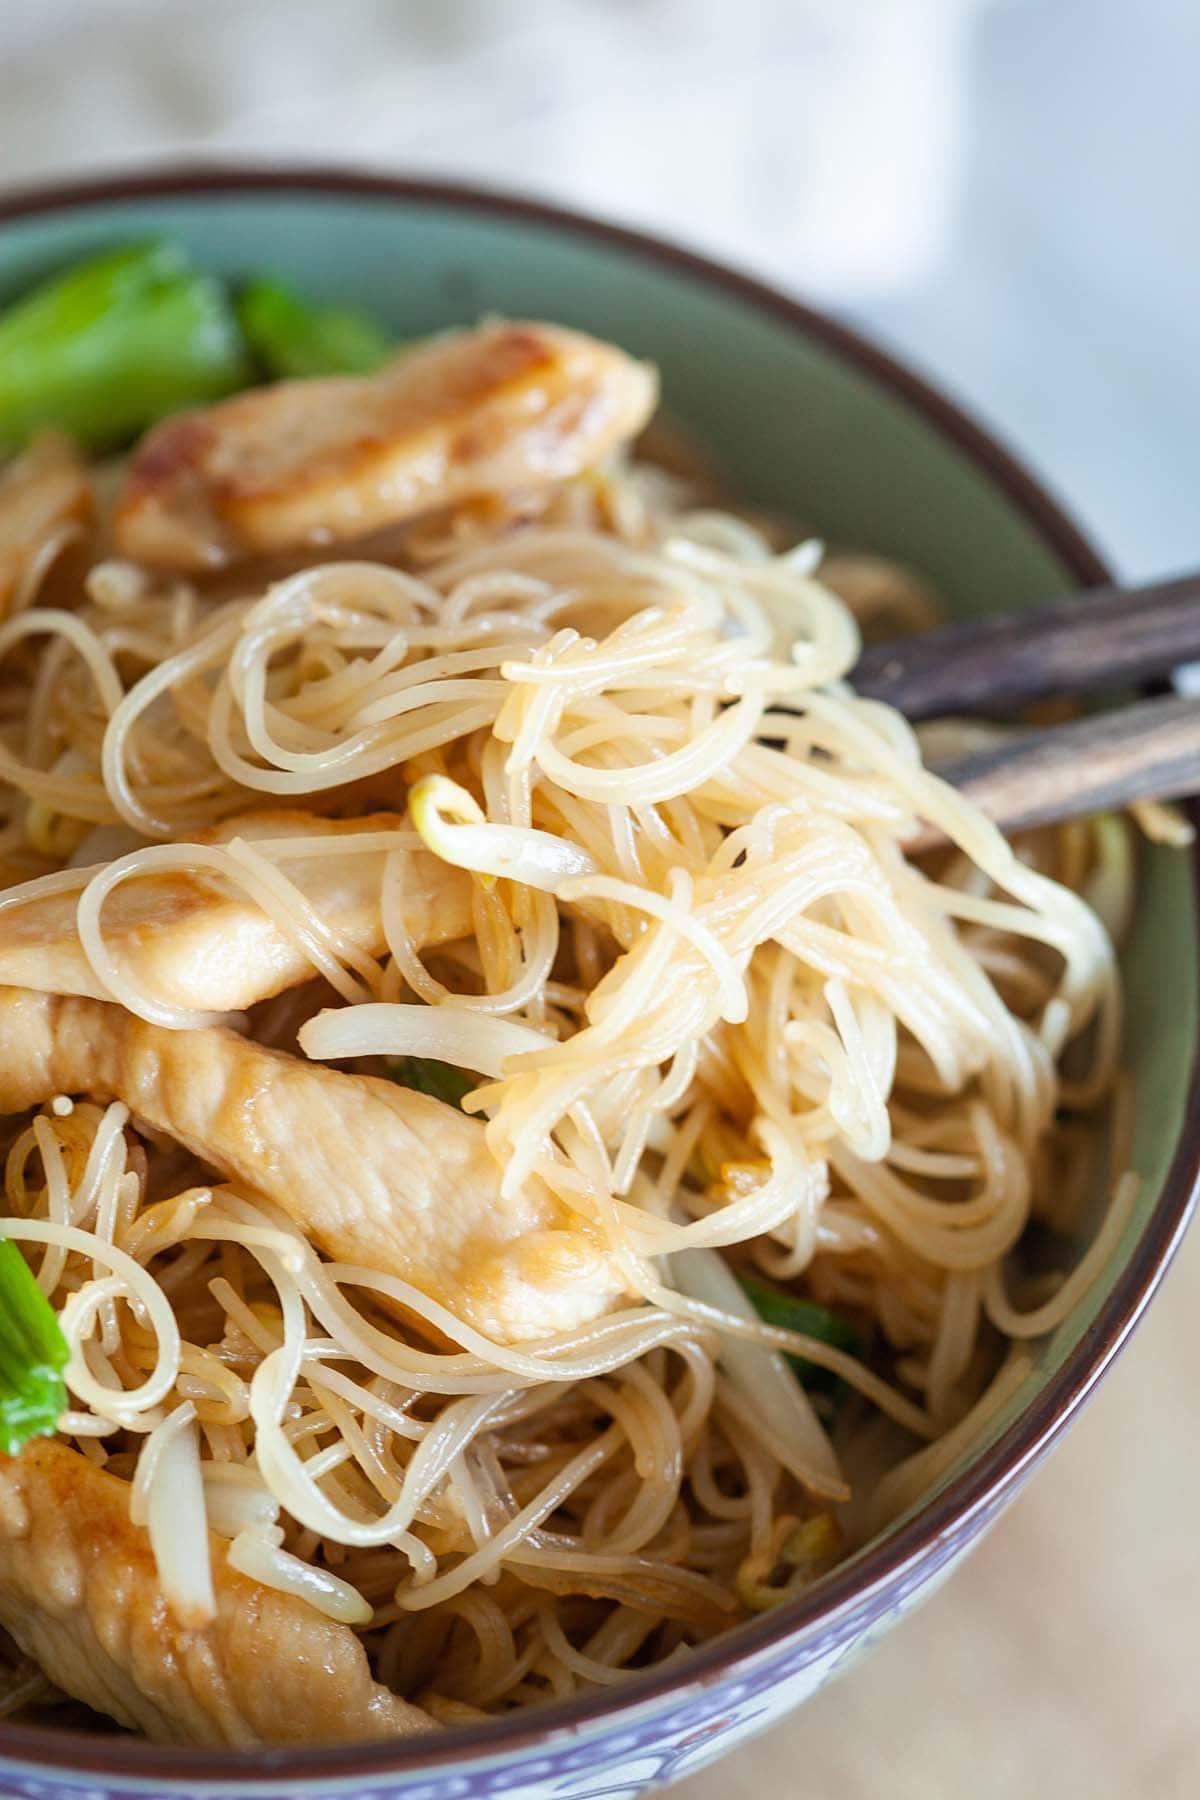 Vermicelles cuisinés avec du poulet et des légumes.